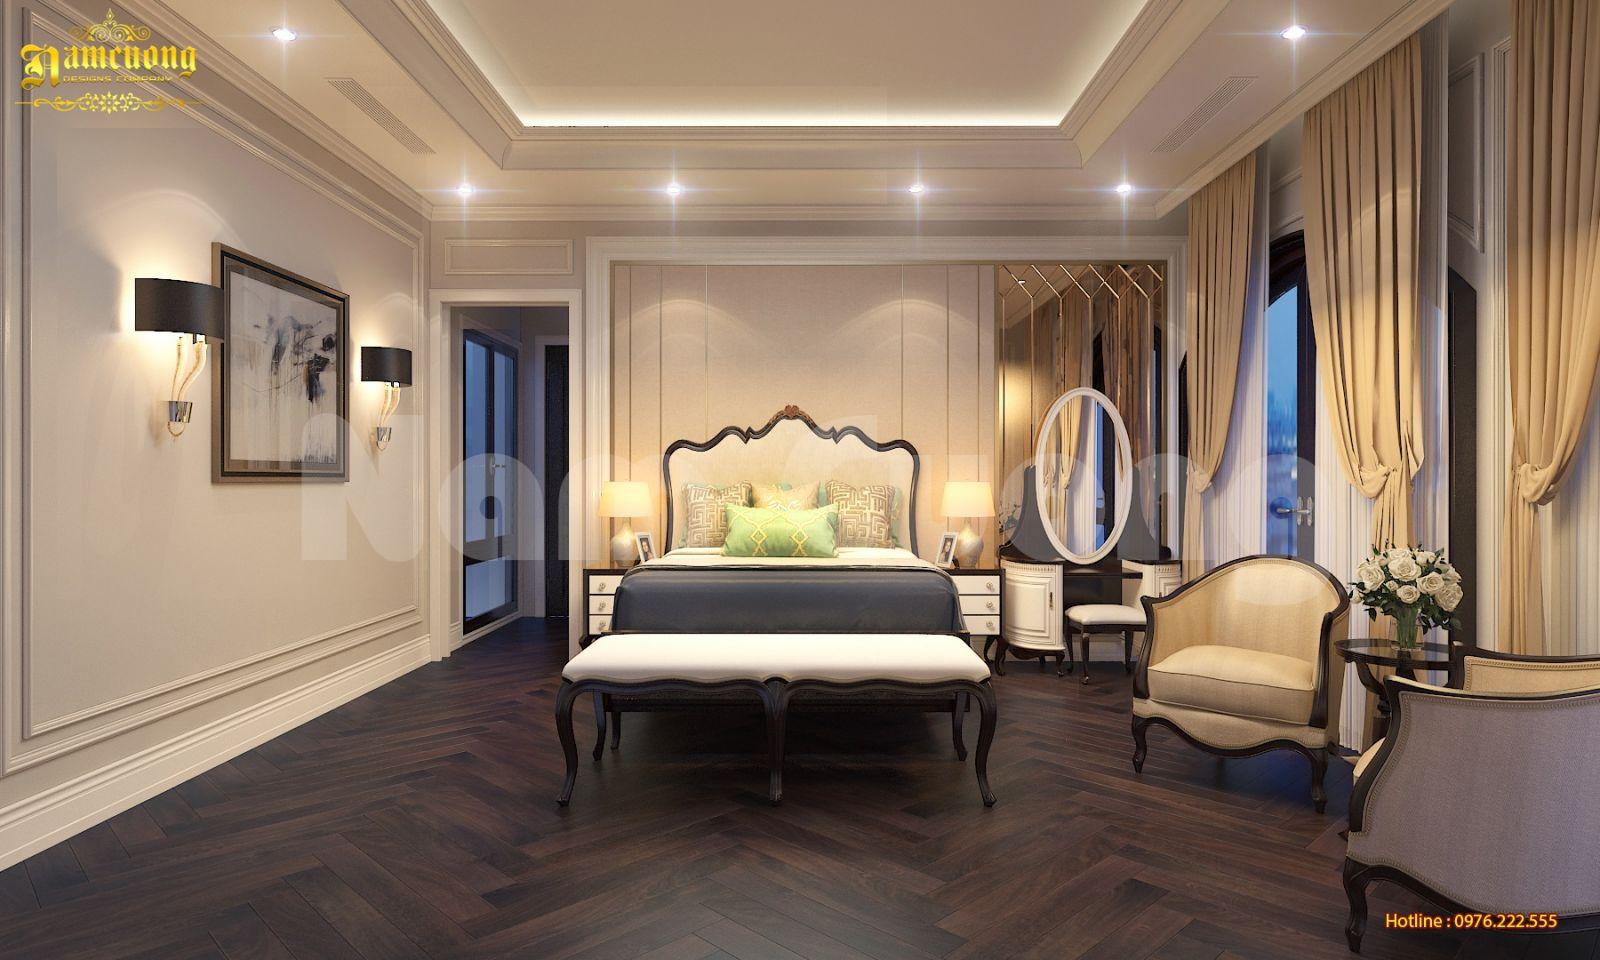 Thiết kế nội thất phòng ngủ tân cổ điển sang trọng